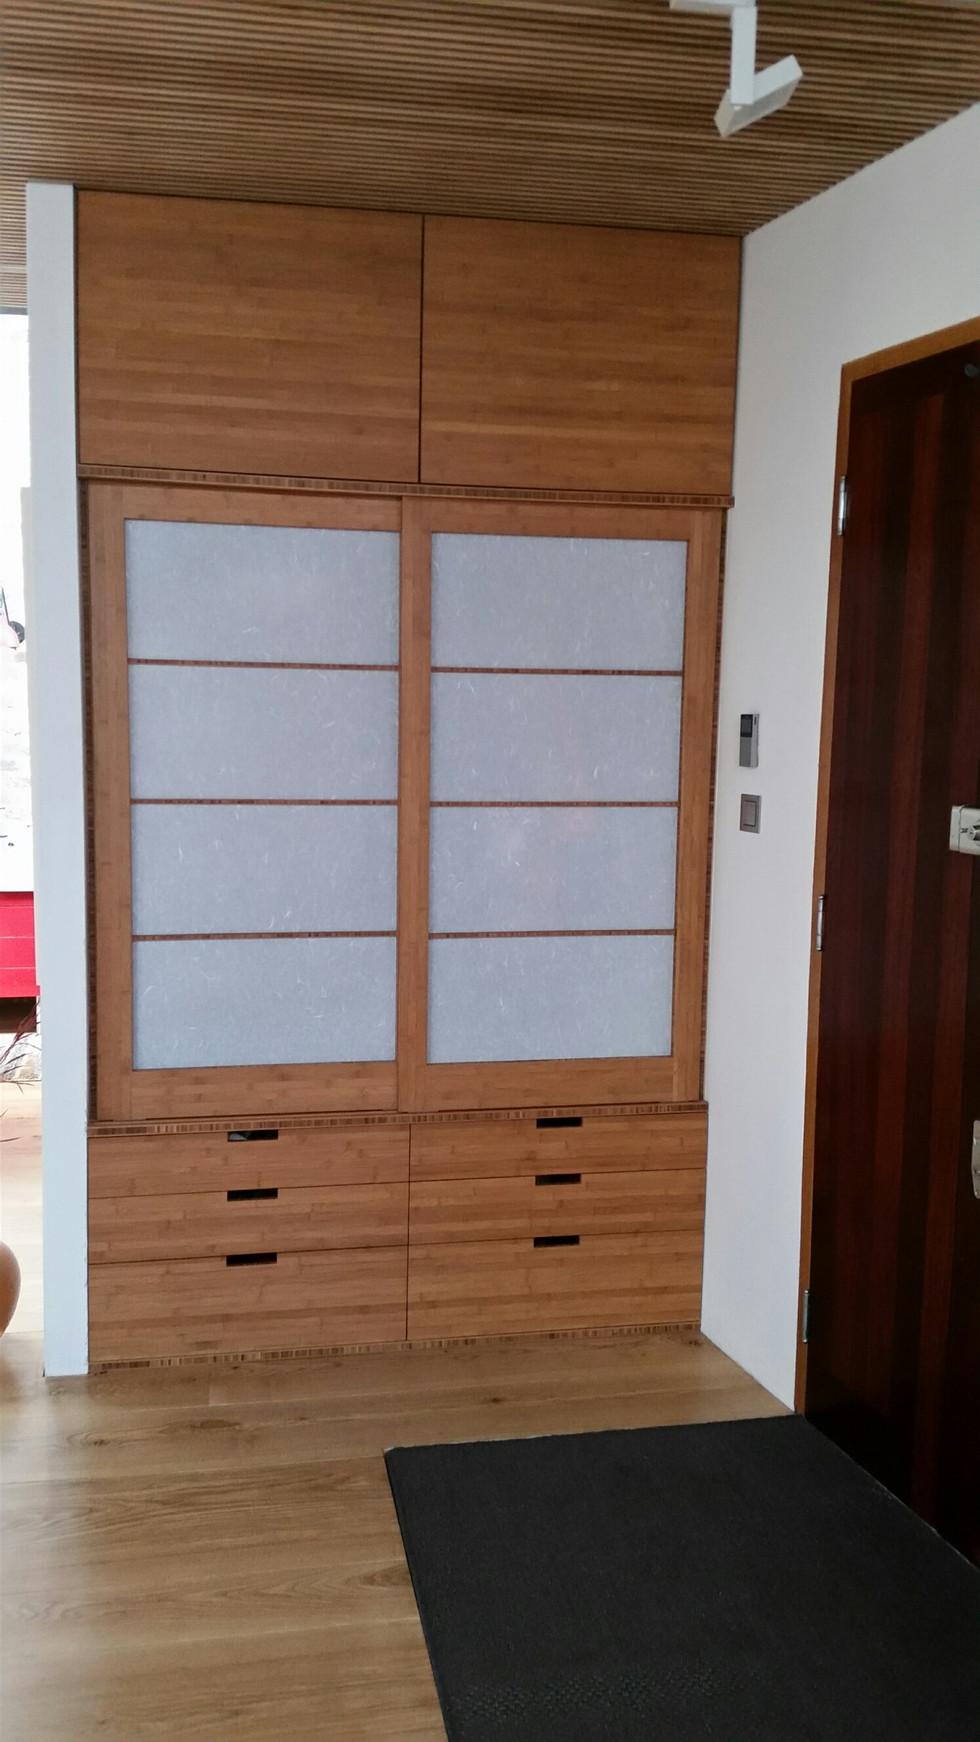 BambooEntranceCupboard della-Porta design